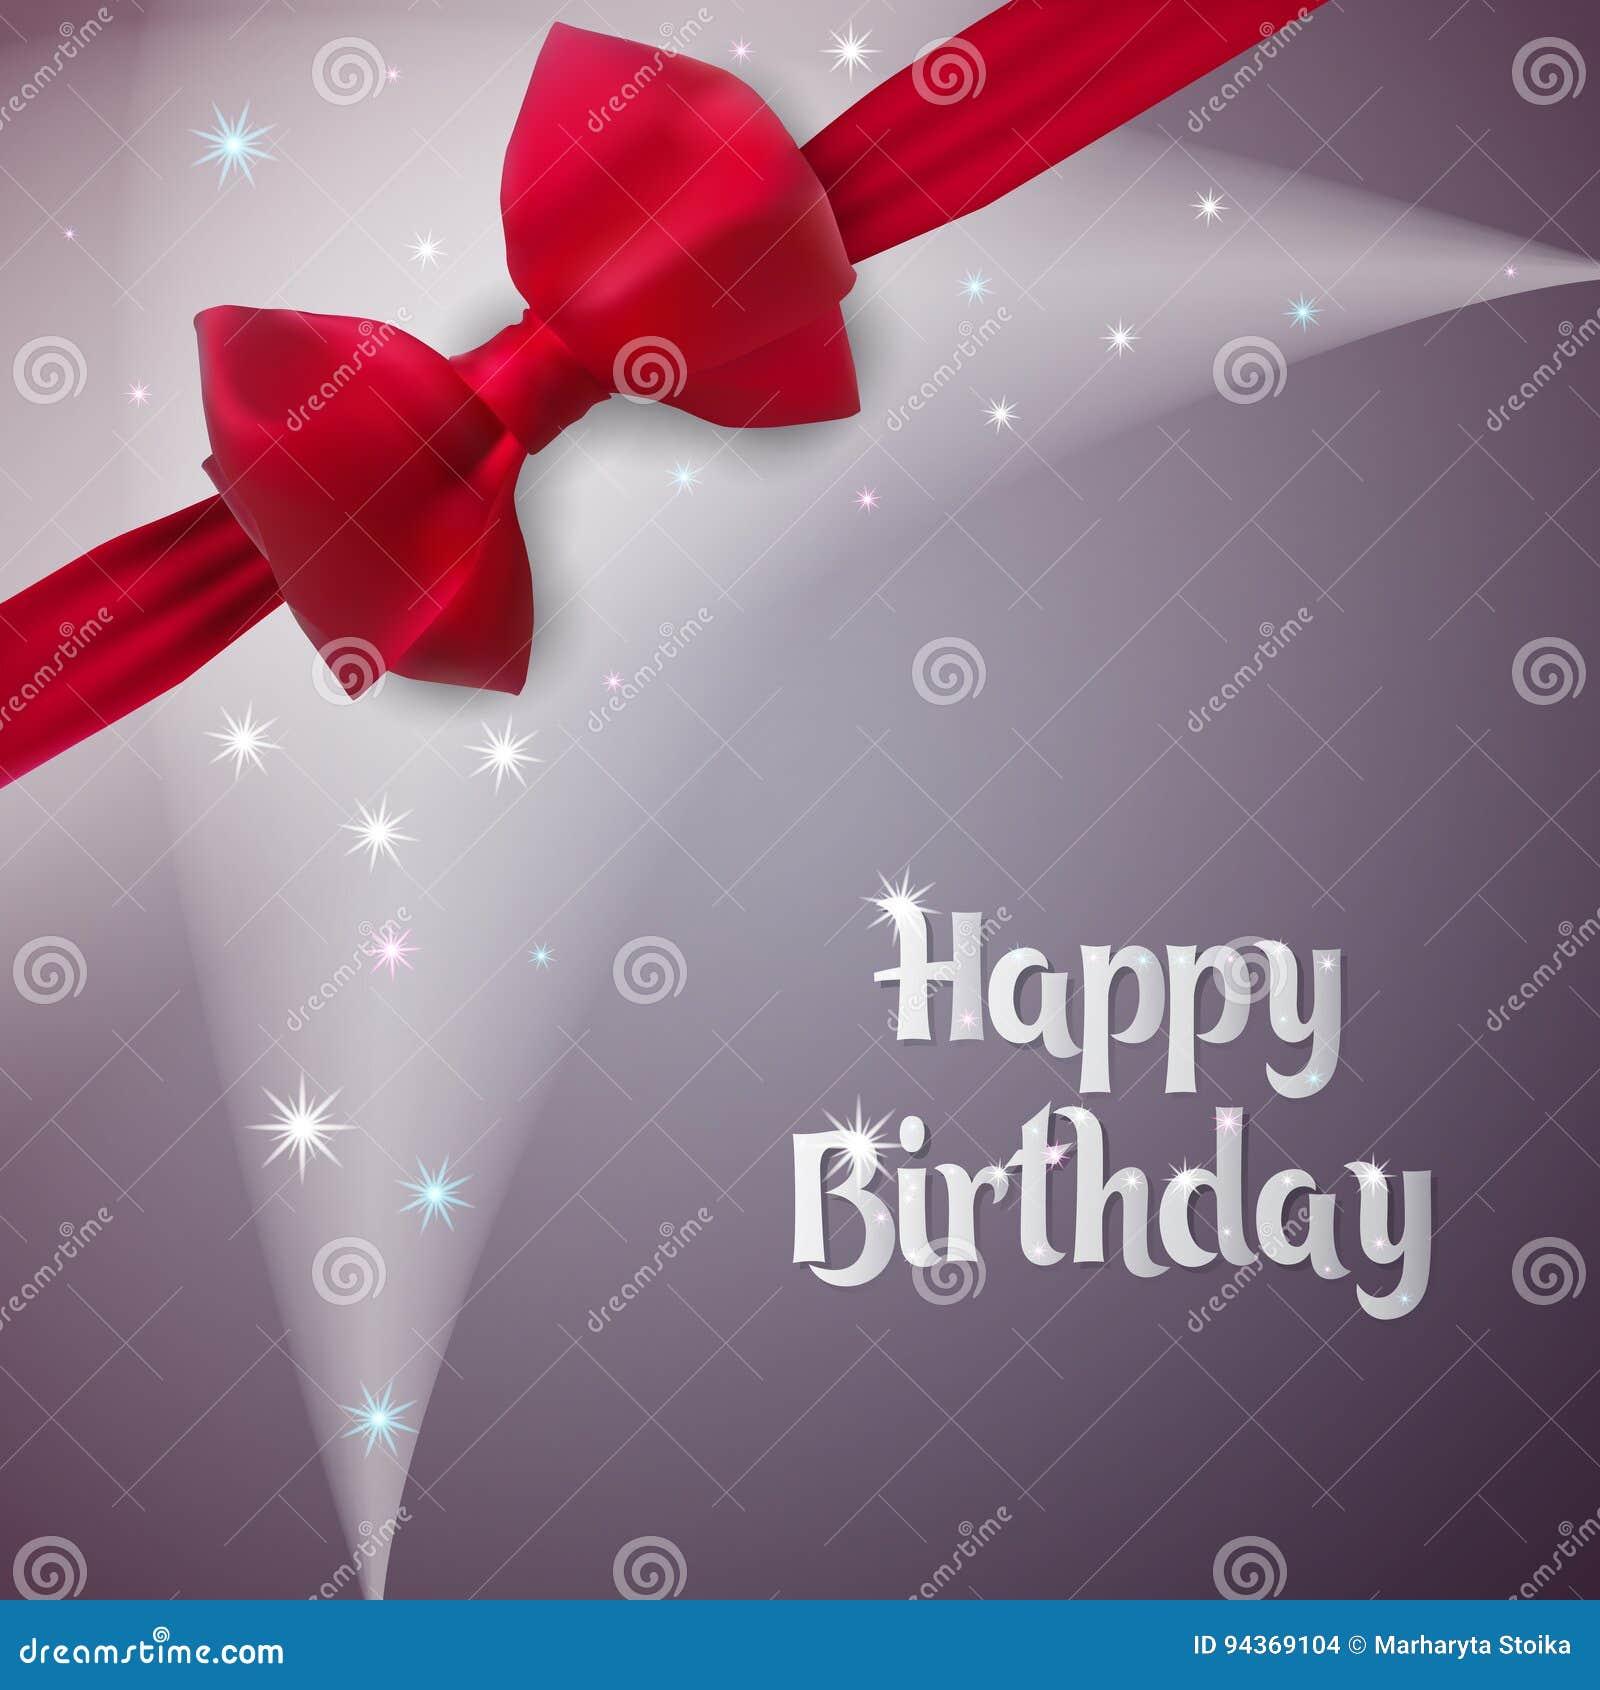 Grußkarte für einen Jahrestag Alles Gute zum Geburtstag Grauer Hintergrund mit Licht und Sternen Geburtsgeschenk wird mit einem B